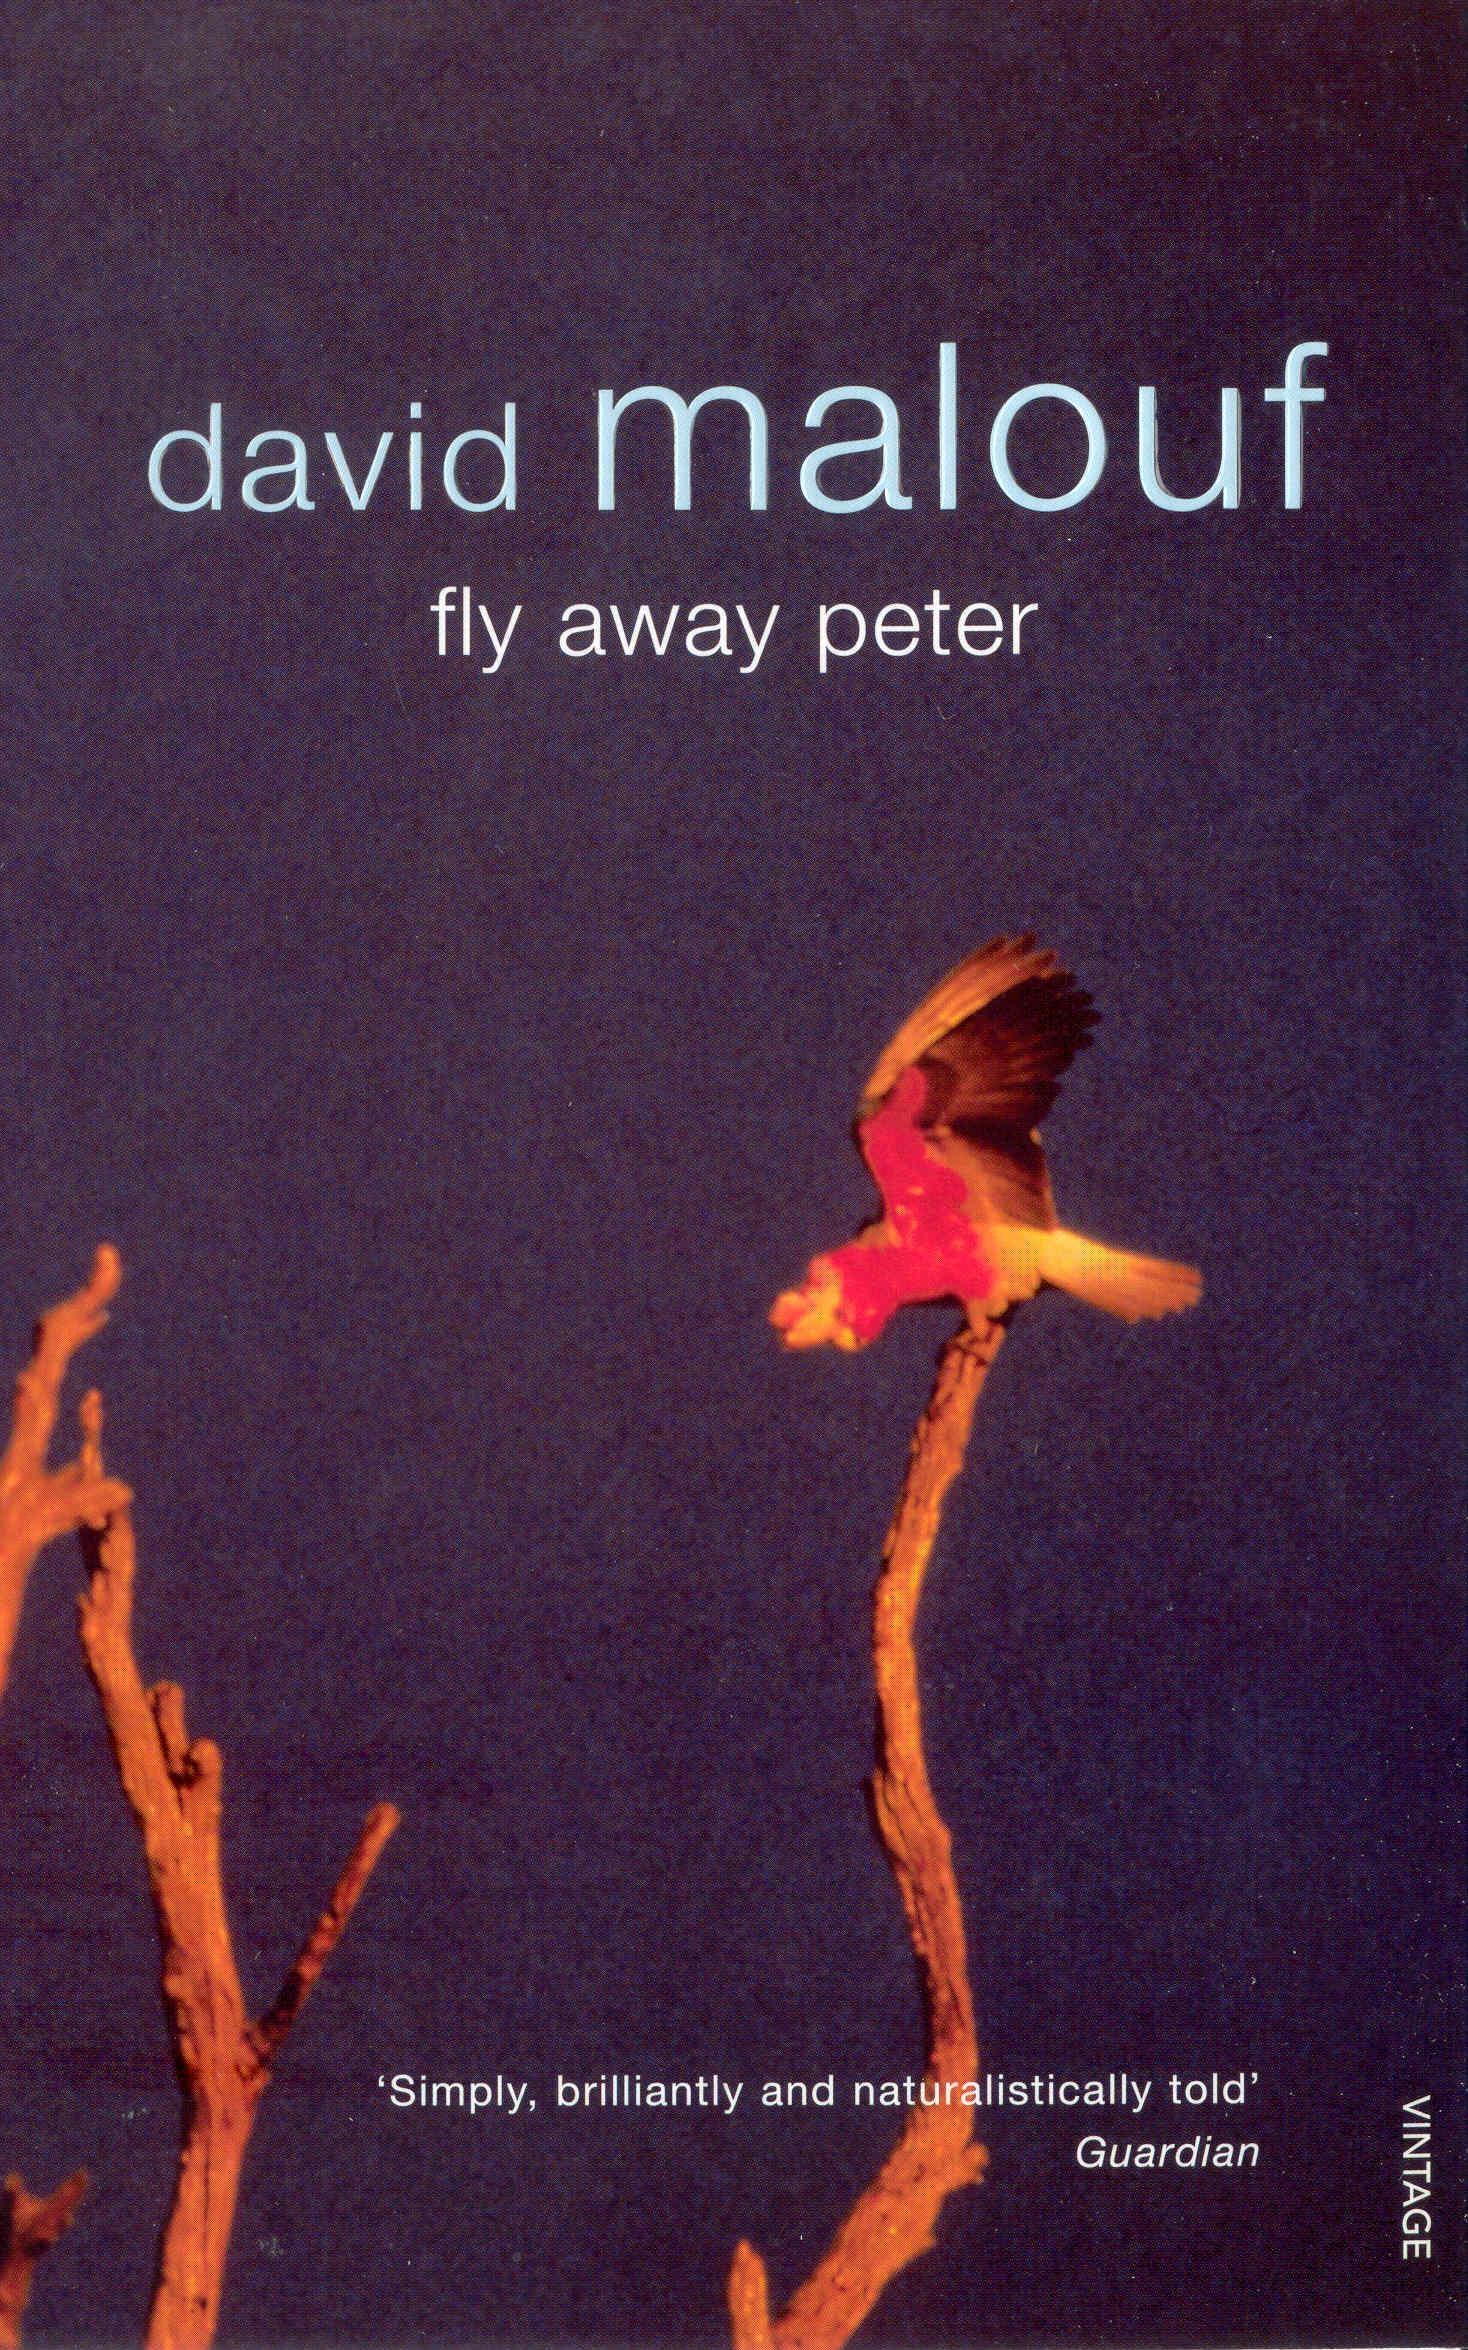 david malouf an imaginary life summary